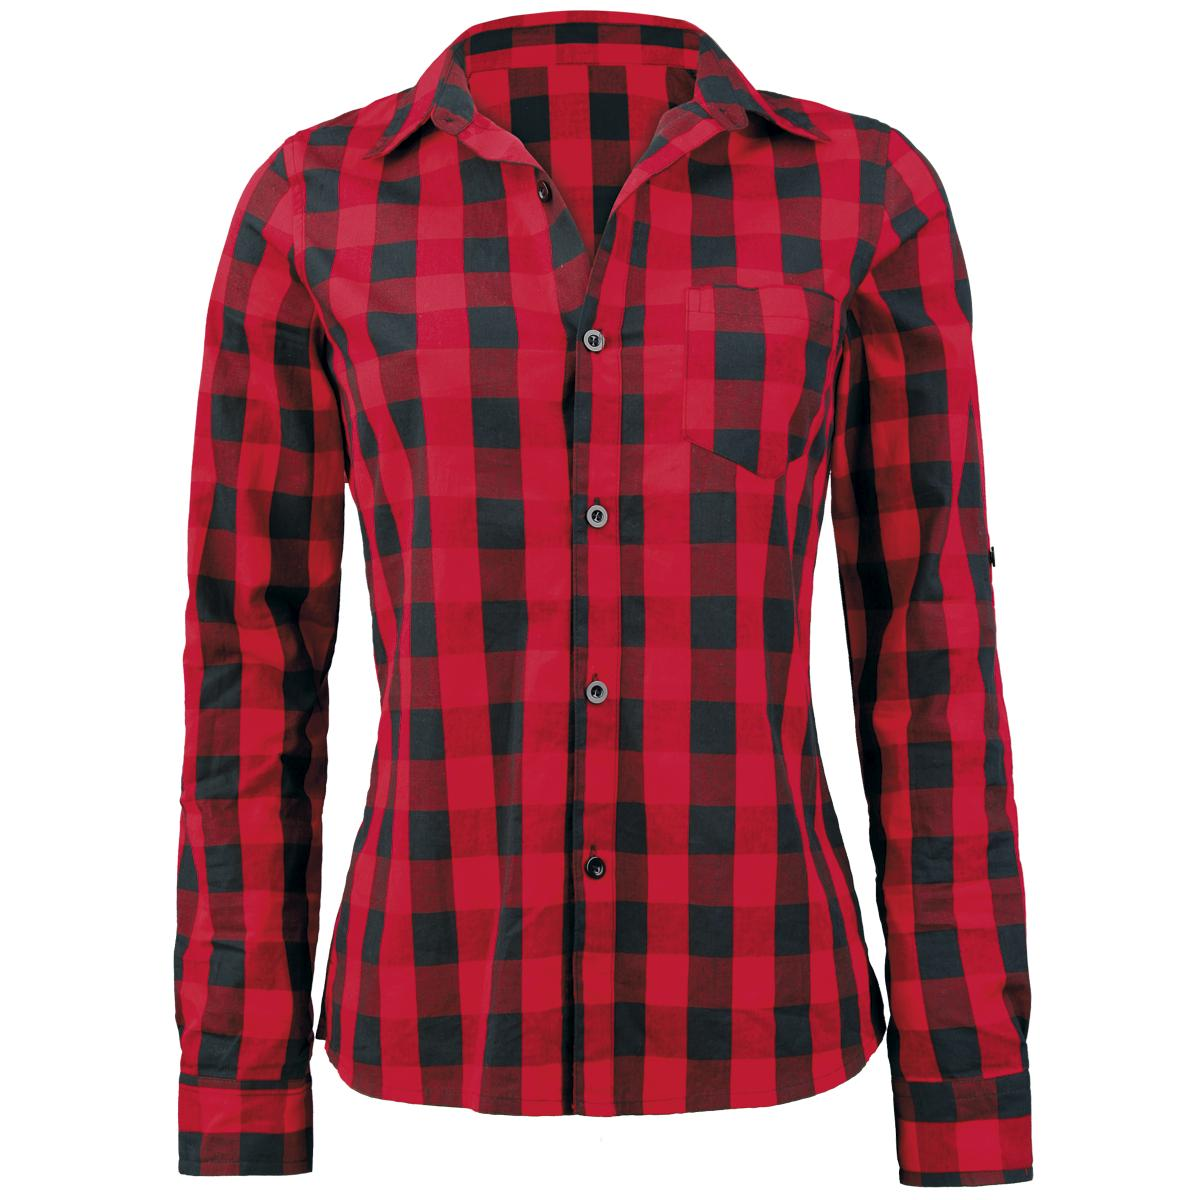 Checkered - Chemisier Femme par Forplay - Référence de l'Article: 227036 - à partir de 26,99 € - EMP::: LE MAILORDER ROCK & METAL ::: Le Merchandising & tellement plus encore...